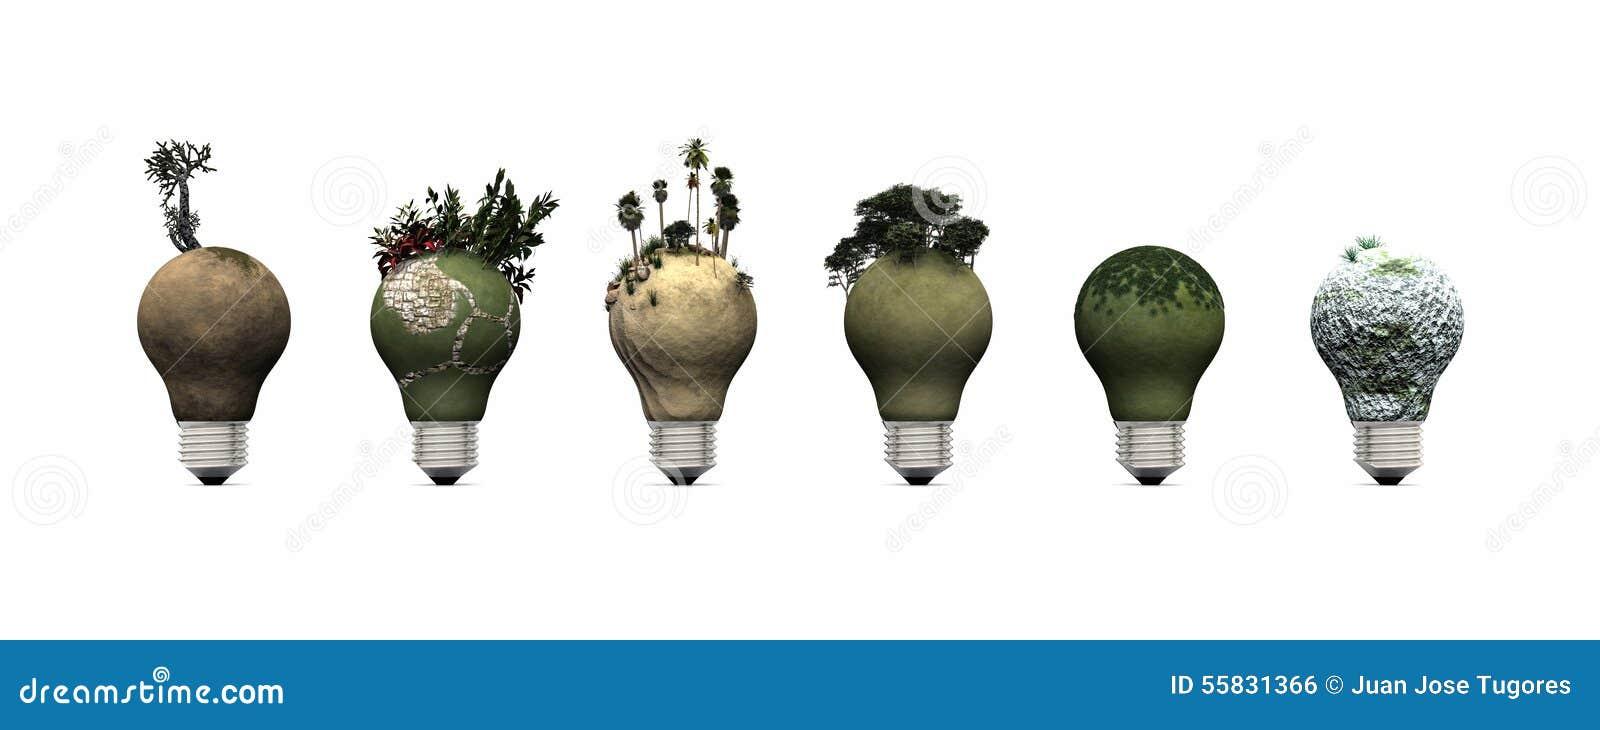 电灯泡和生态系